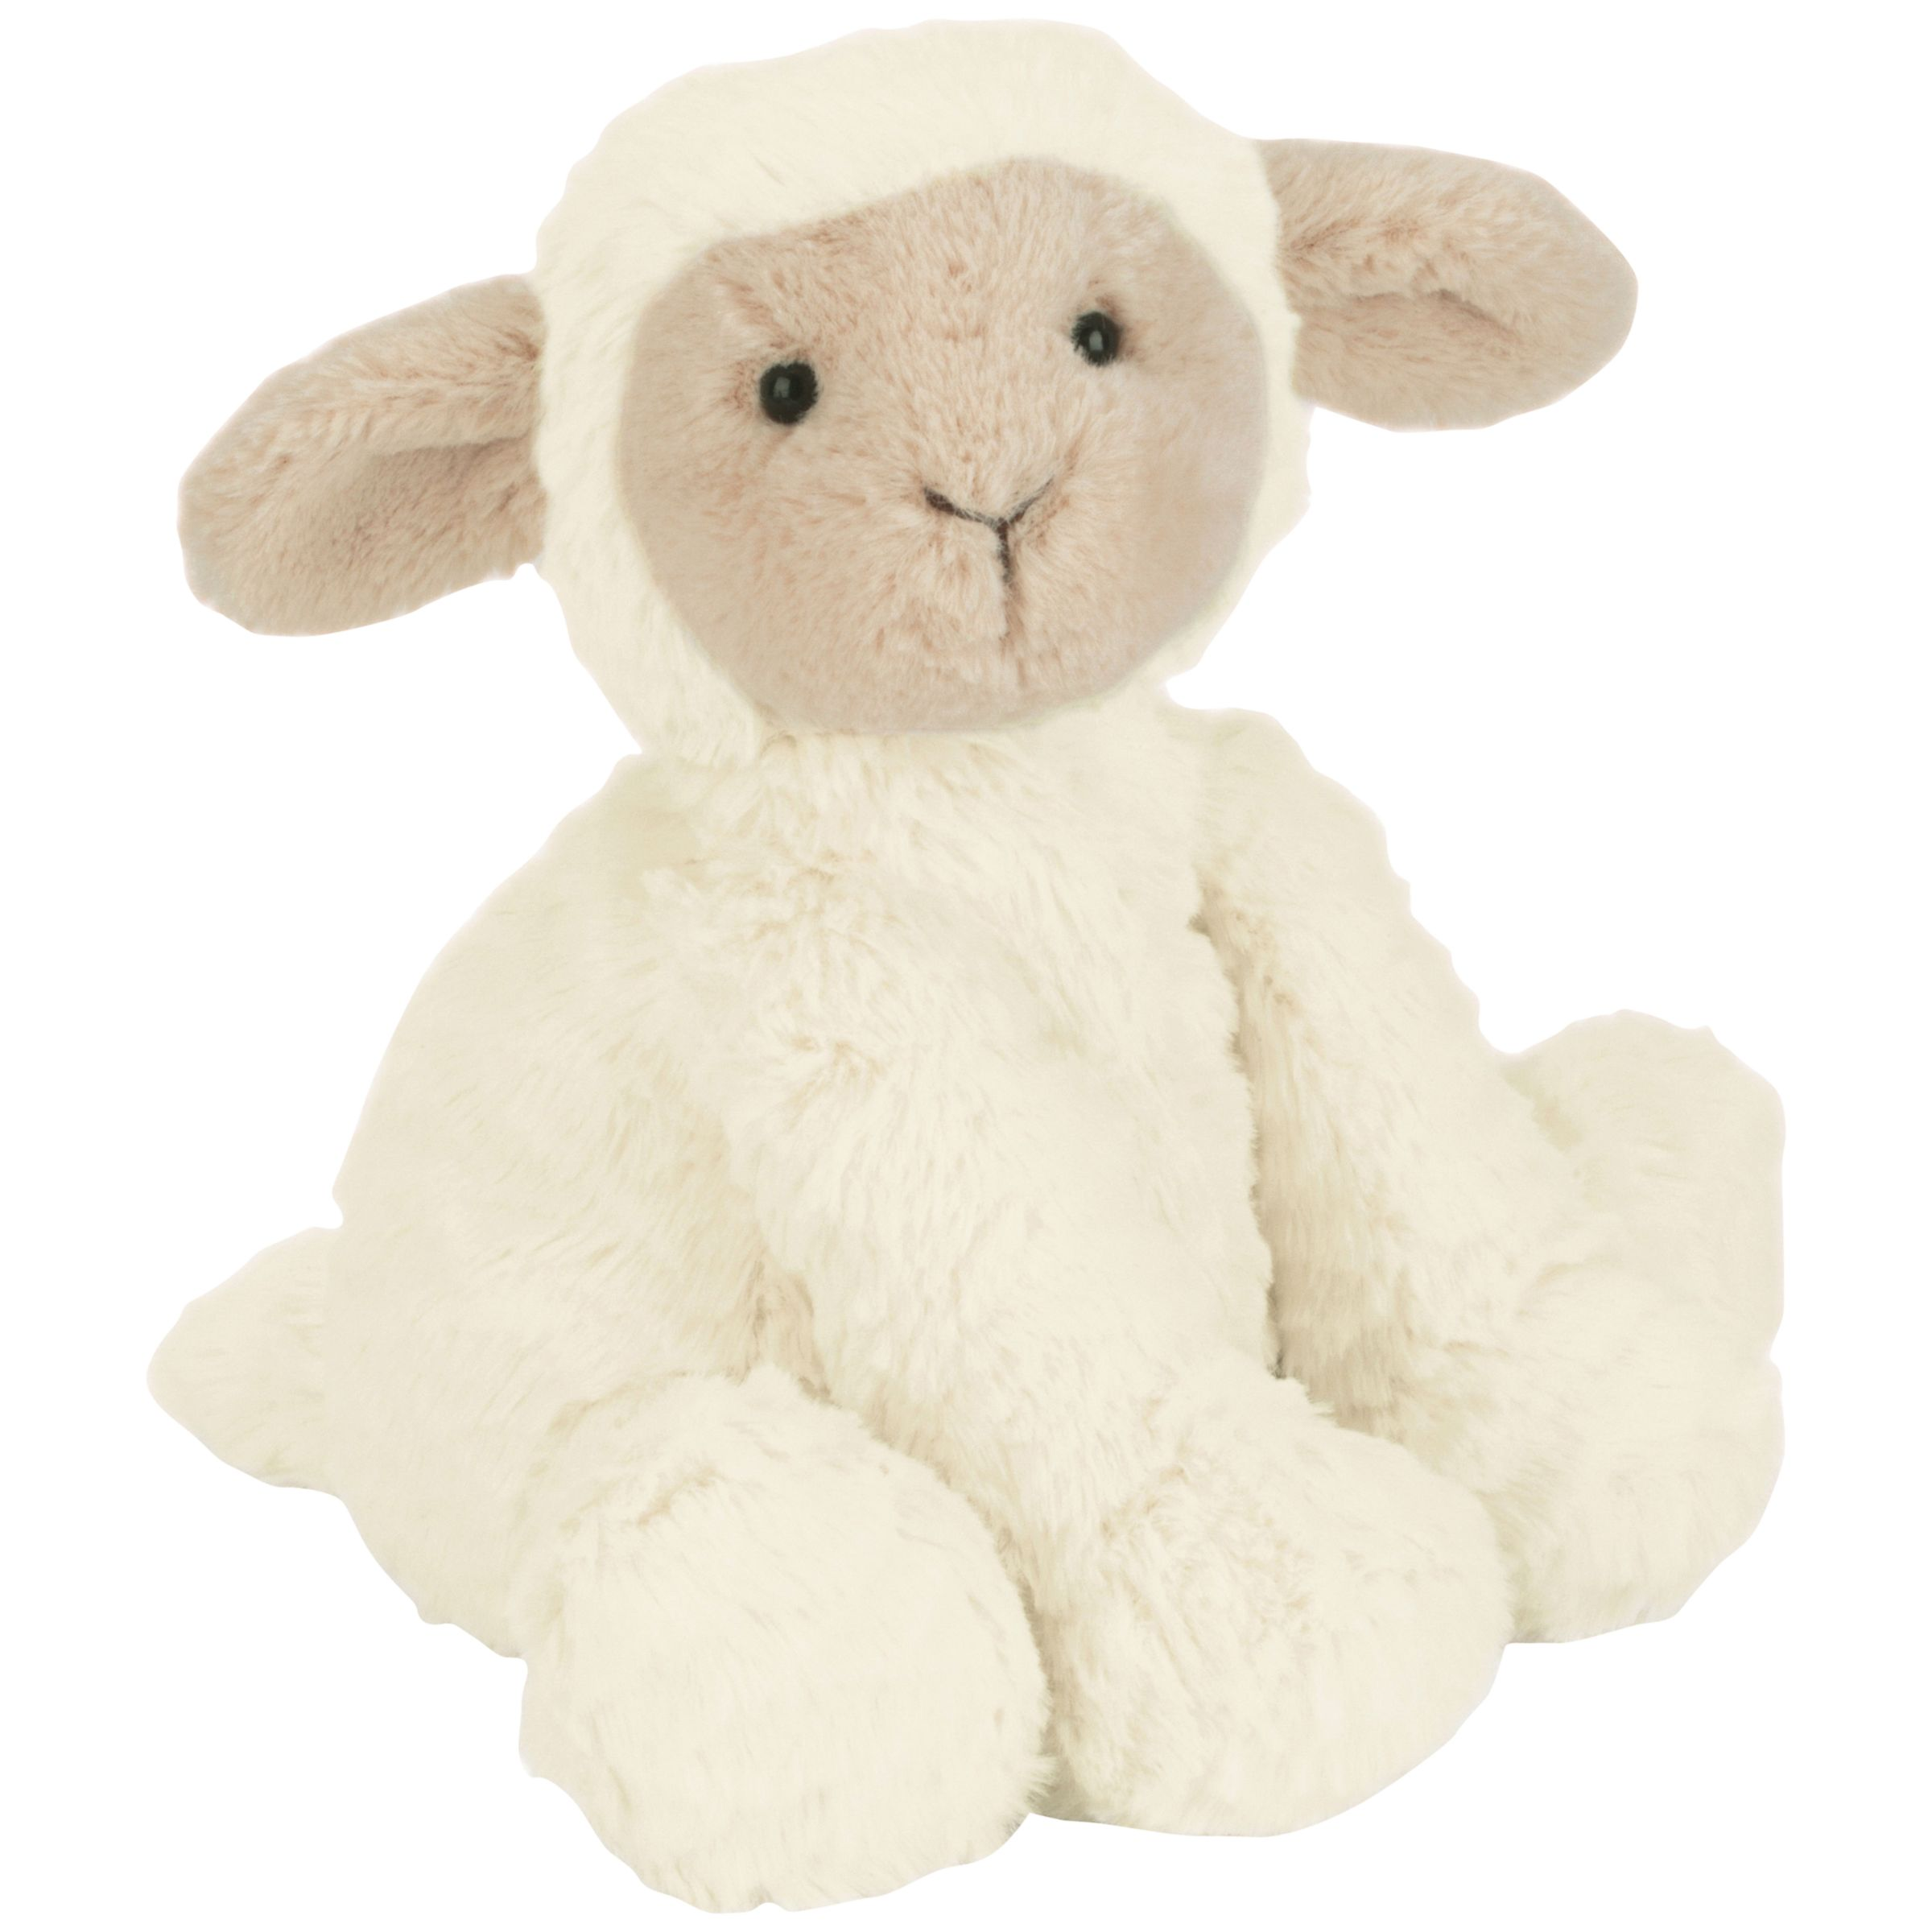 Jellycat Jellycat Fuddlewuddle Lamb Soft Toy